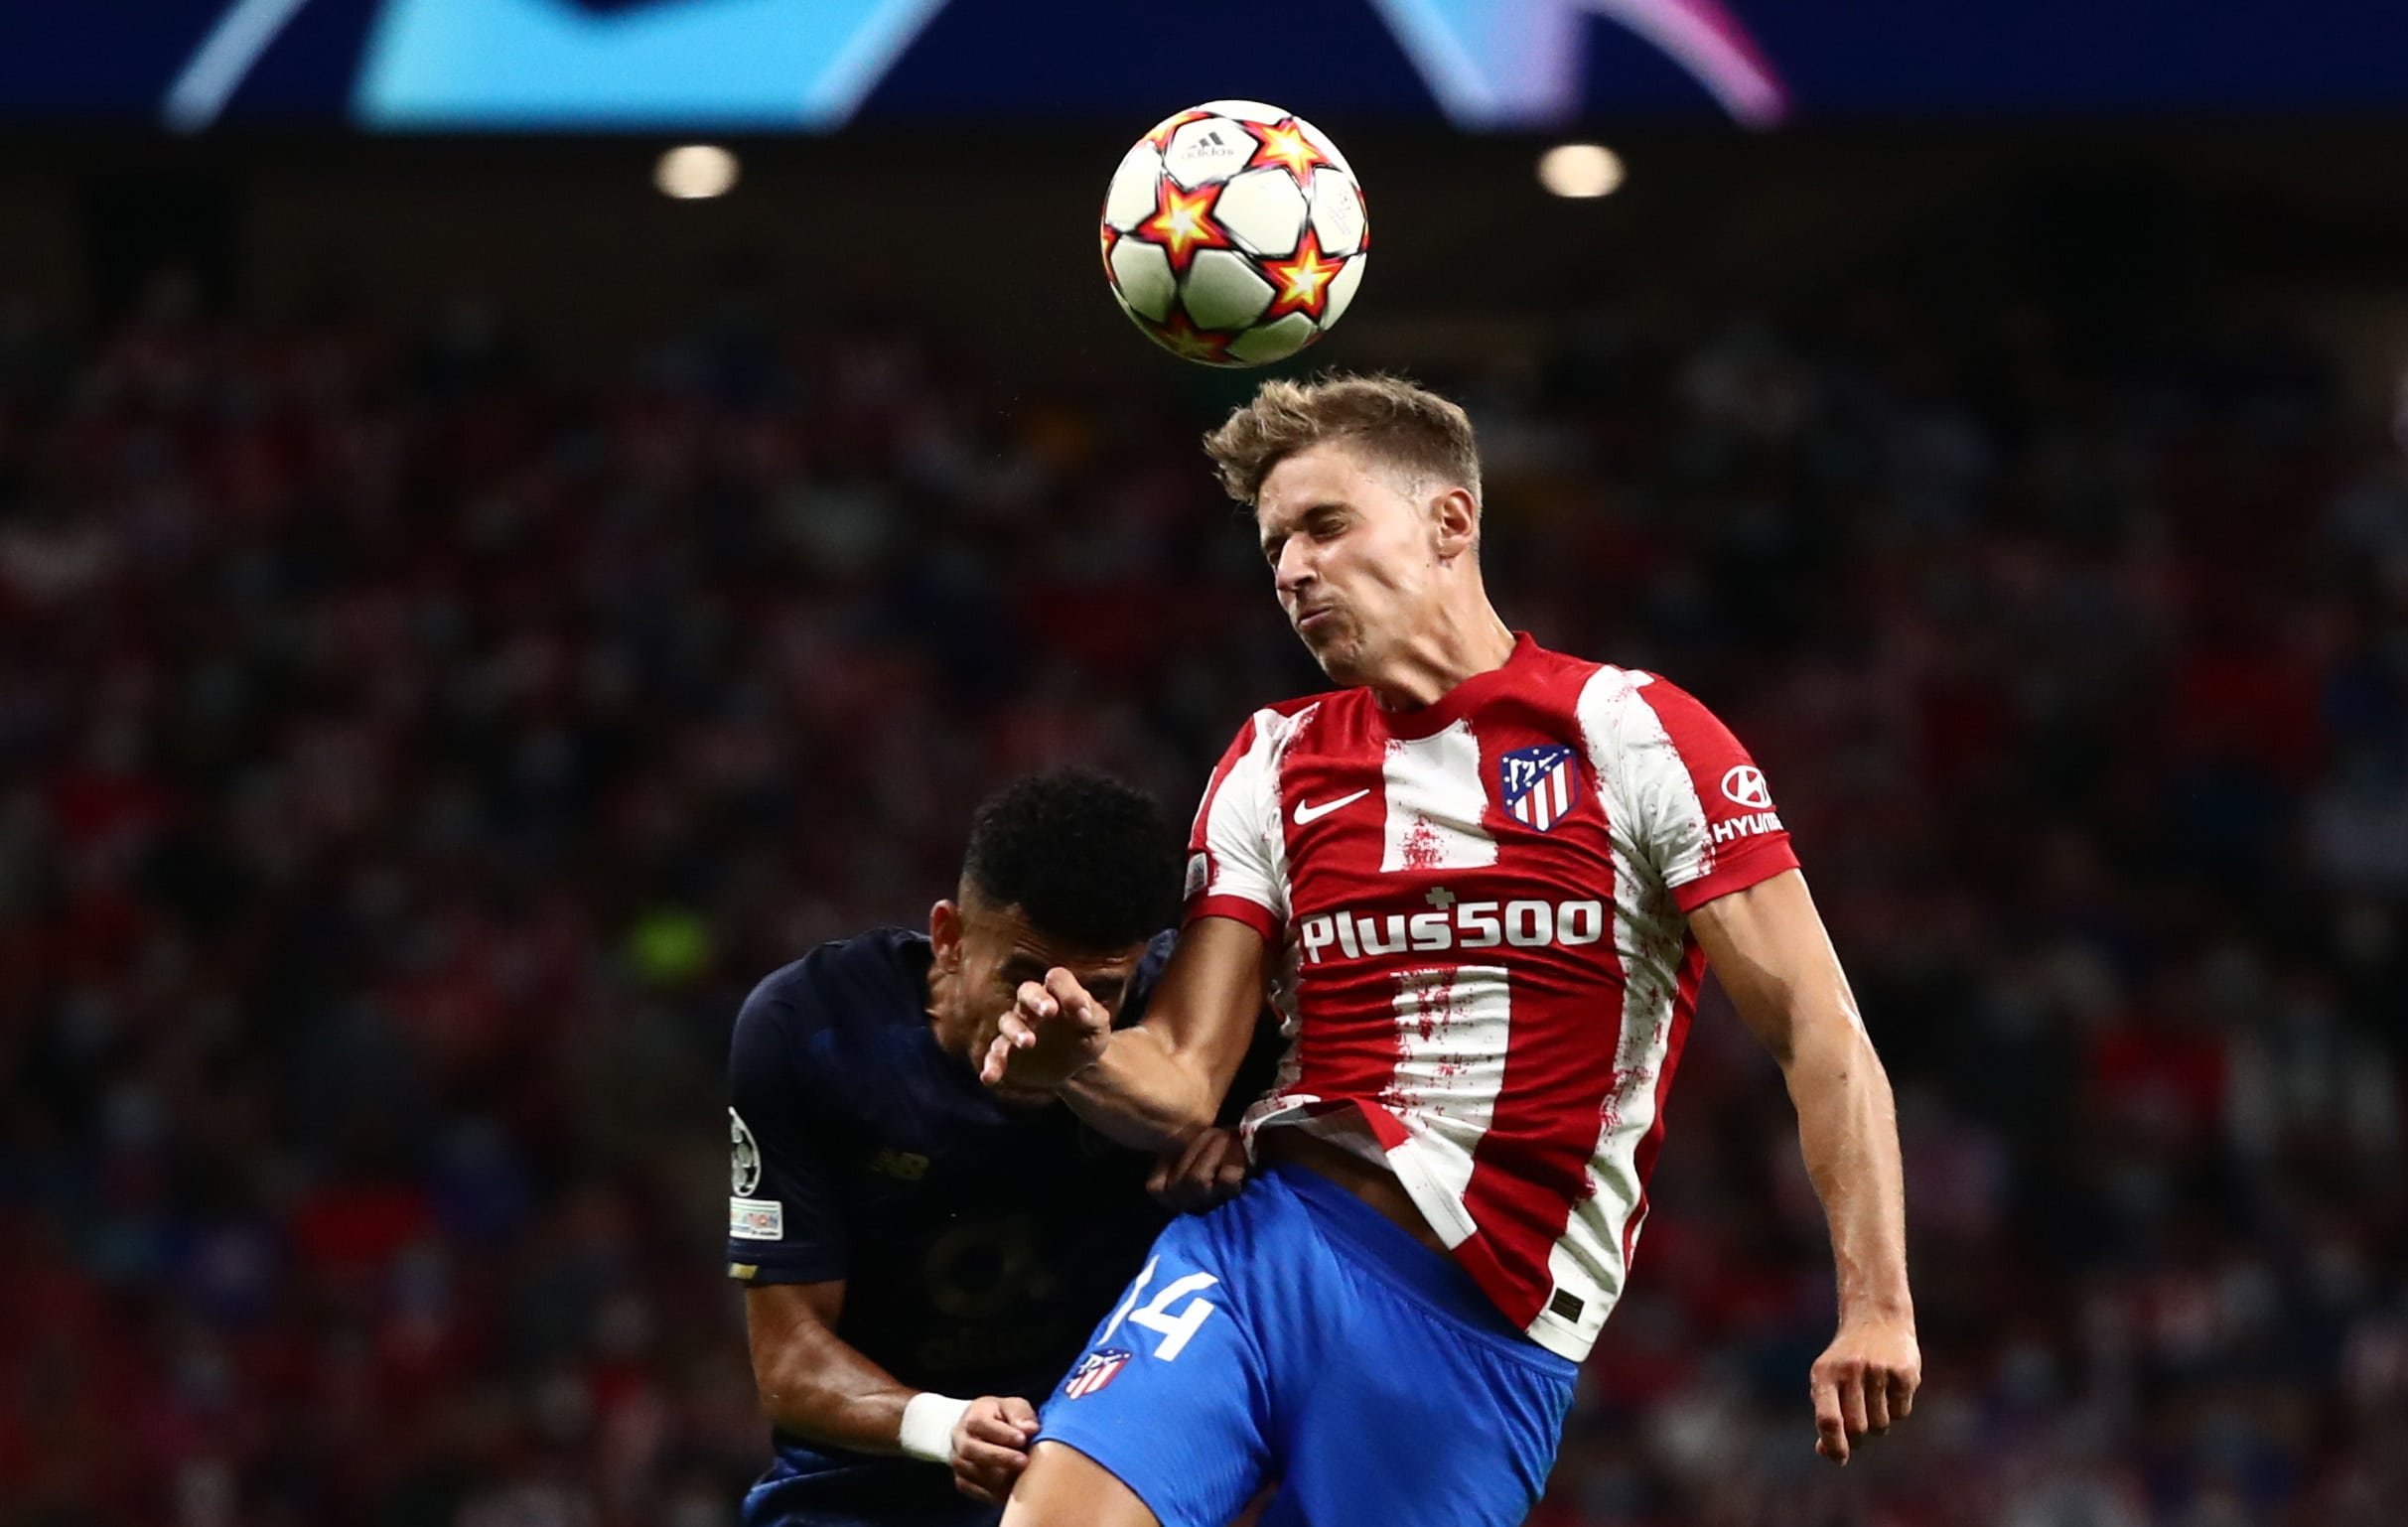 مباراة أتلتيكو مدريد وبورتو في دوري أبطال أوروبا